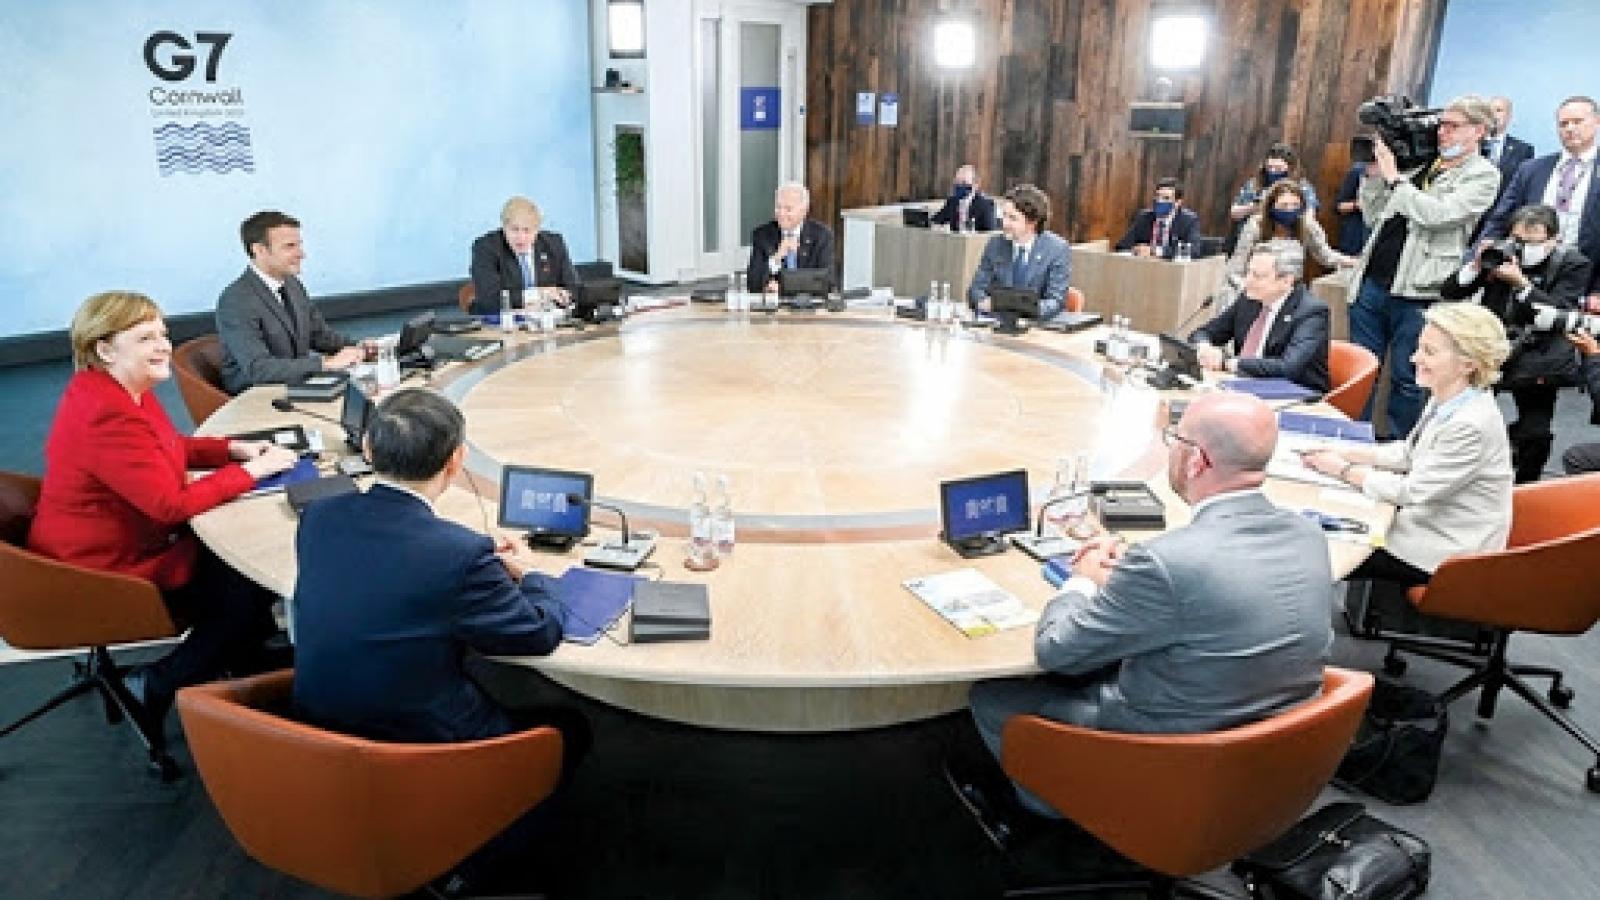 Ngày làm việc thứ hai của Thượng đỉnh G7: 40.000 tỷ USD để xây dựng thế giới tốt đẹp hơn